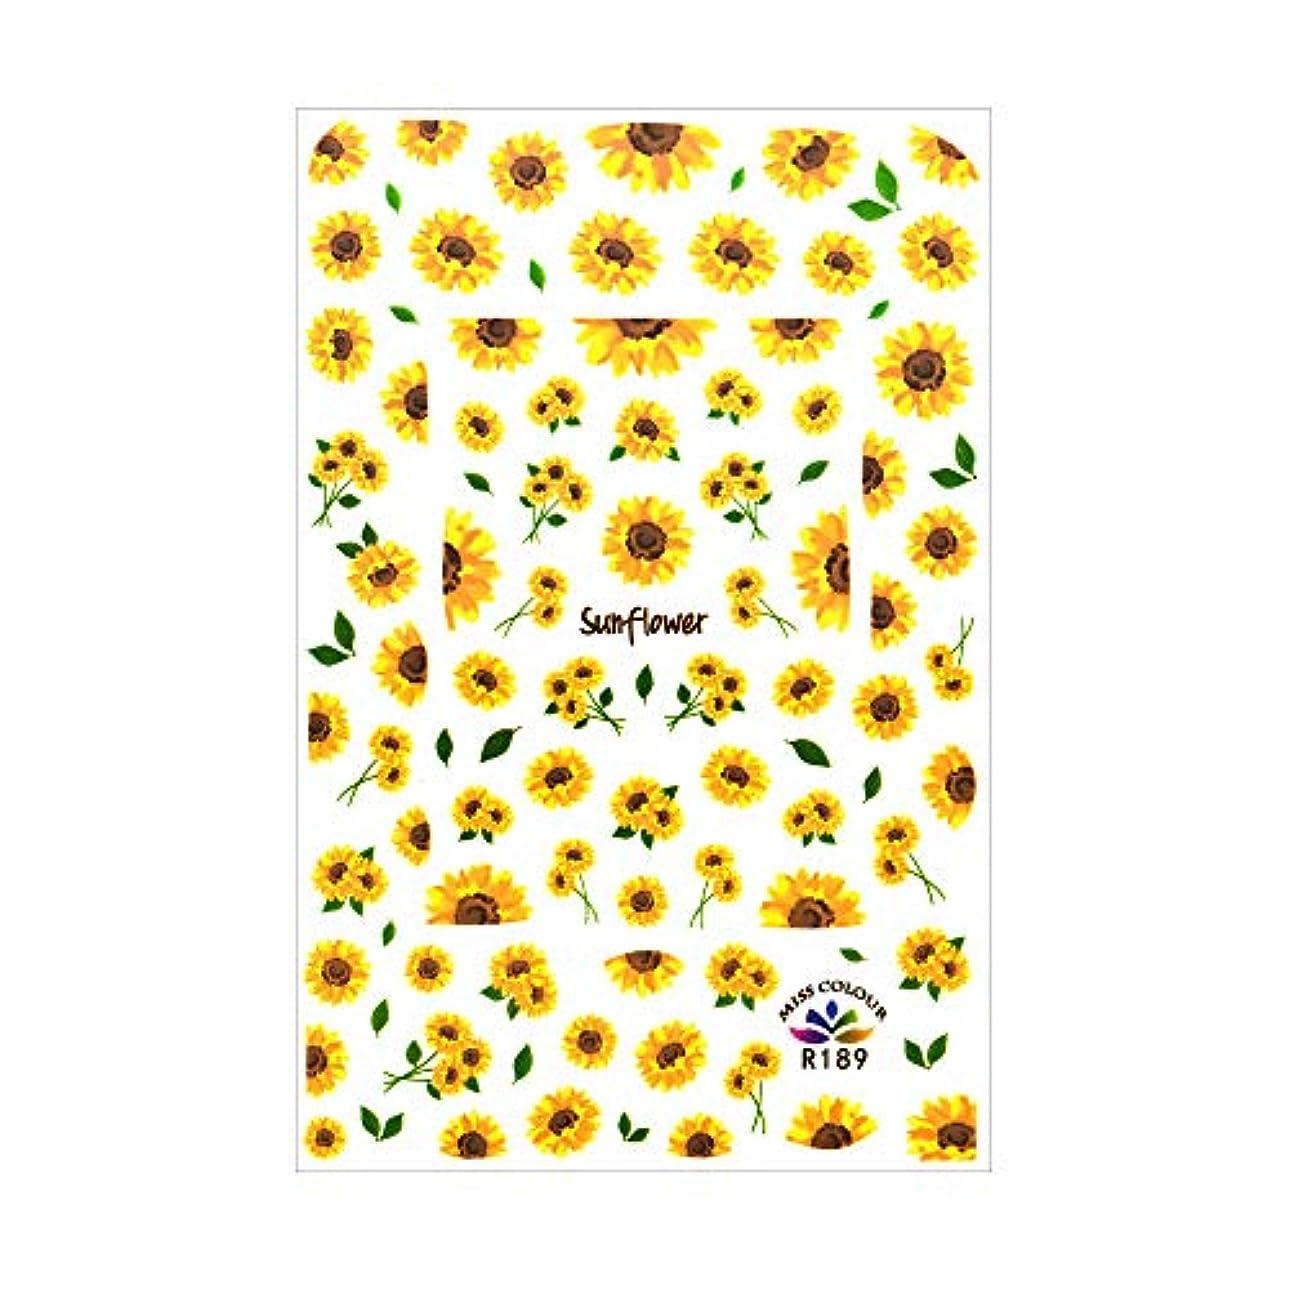 サドル聴覚障害者縞模様のネイルシール ひまわりシール 花 フラワー 一輪花 ひまわり ヒマワリ 向日葵 サンフラワー 夏 サマー